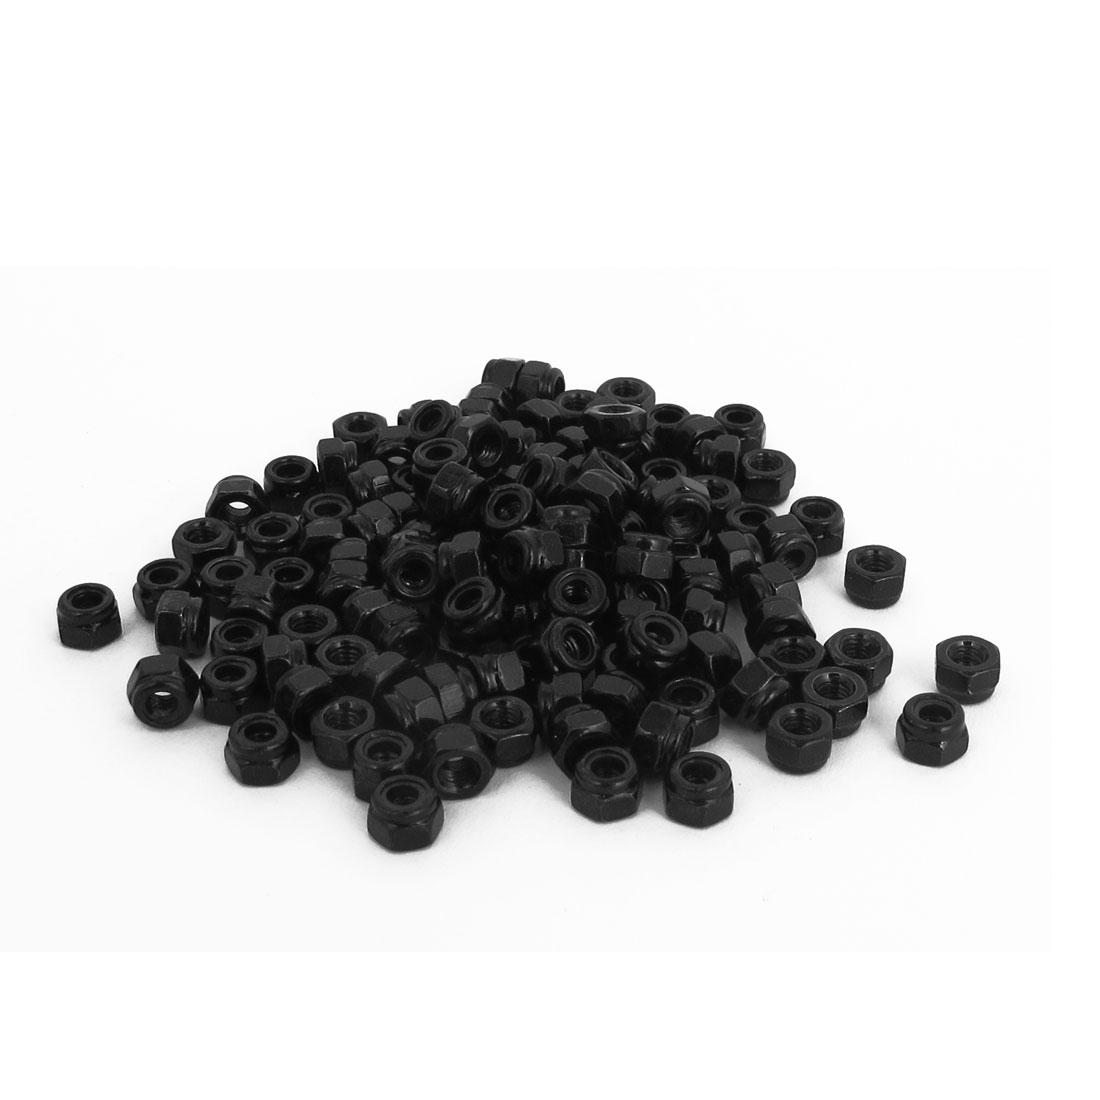 M3x0.5mm Zinc Plated Self-Locking Nylon Insert Hex Lock Nuts Black 100pcs